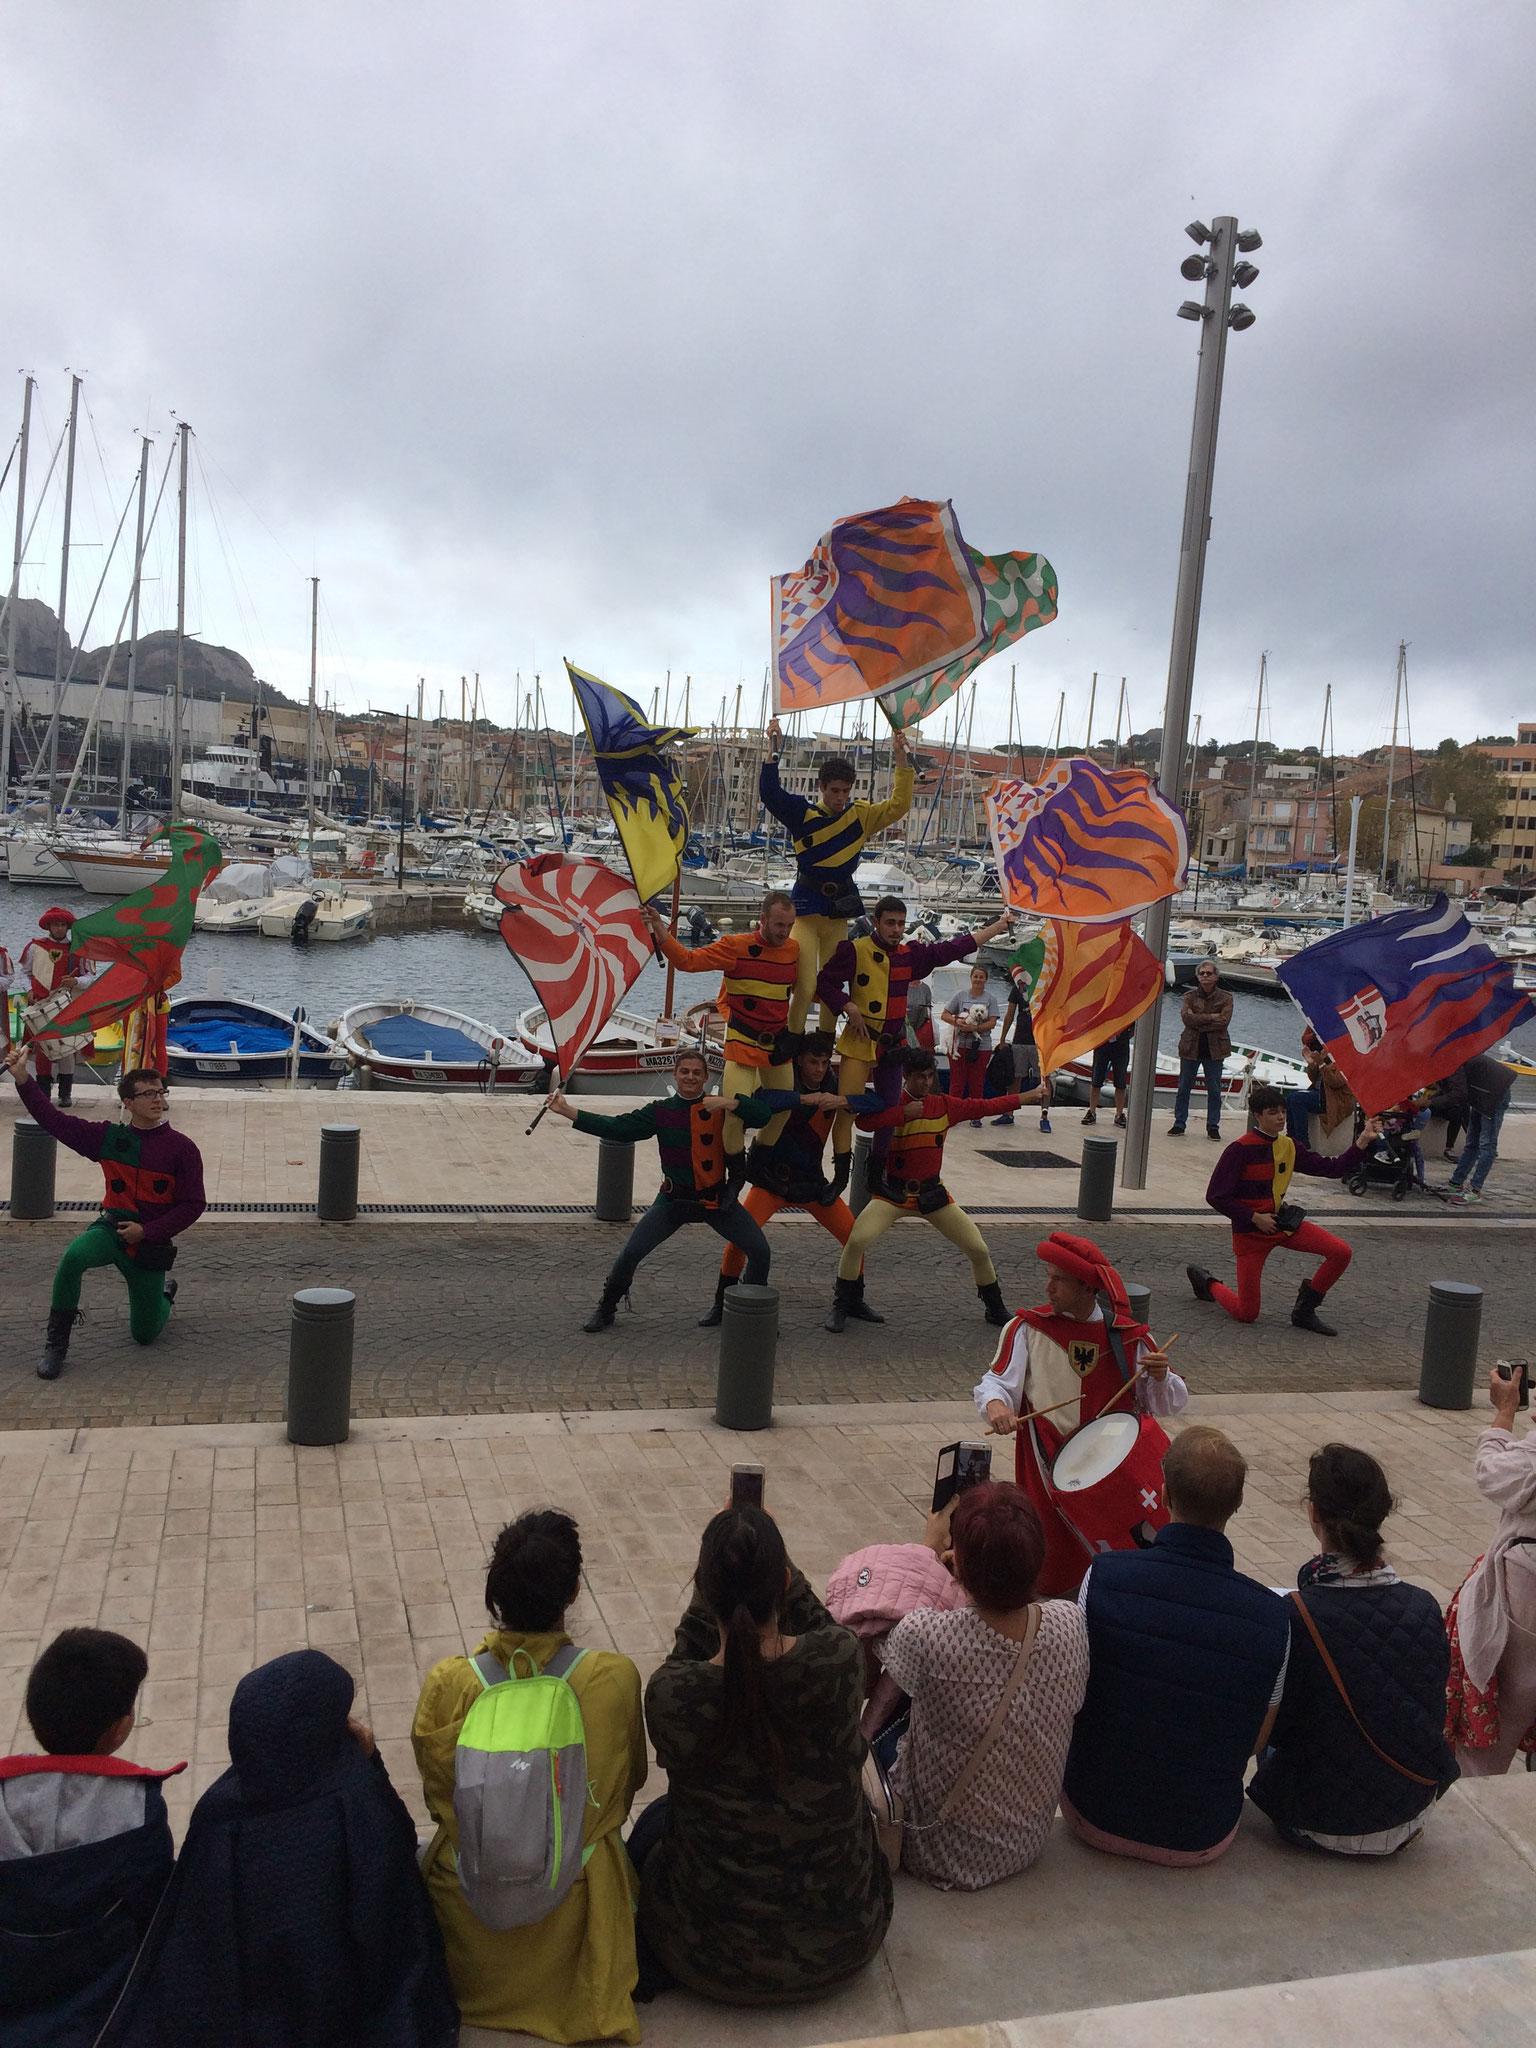 Les lanceurs de drapeaux animent un peu le vieux port.